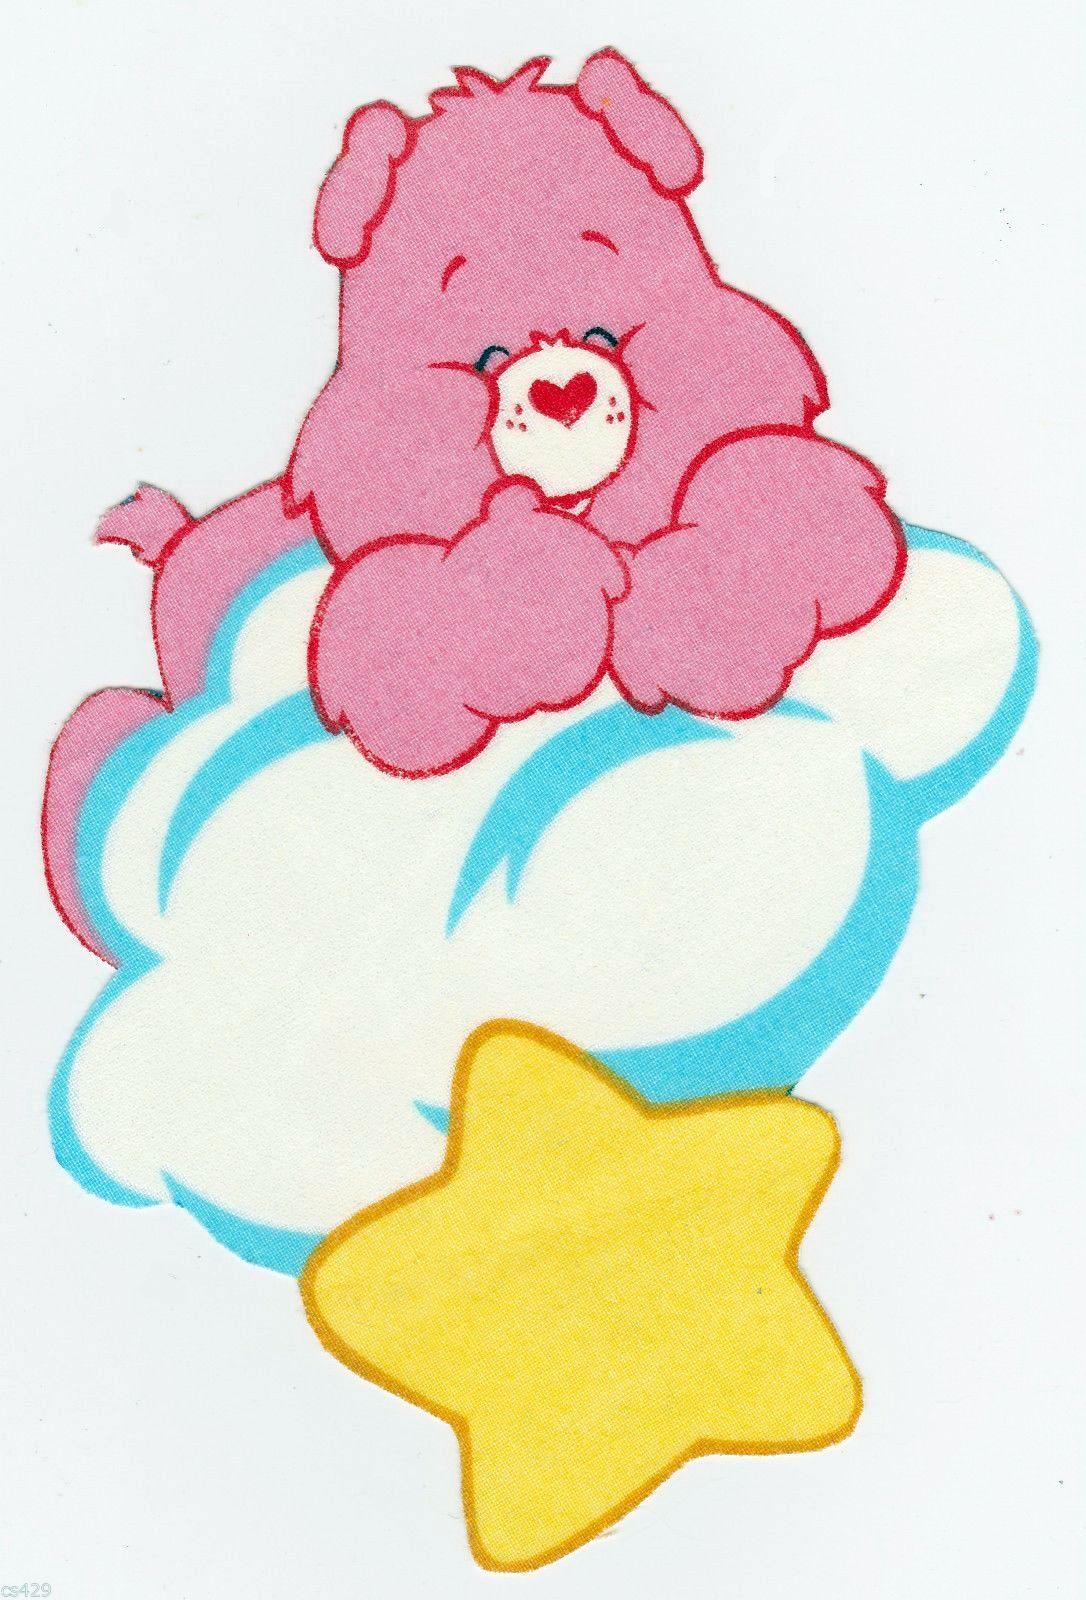 Care_bears_gallery_092.jpg